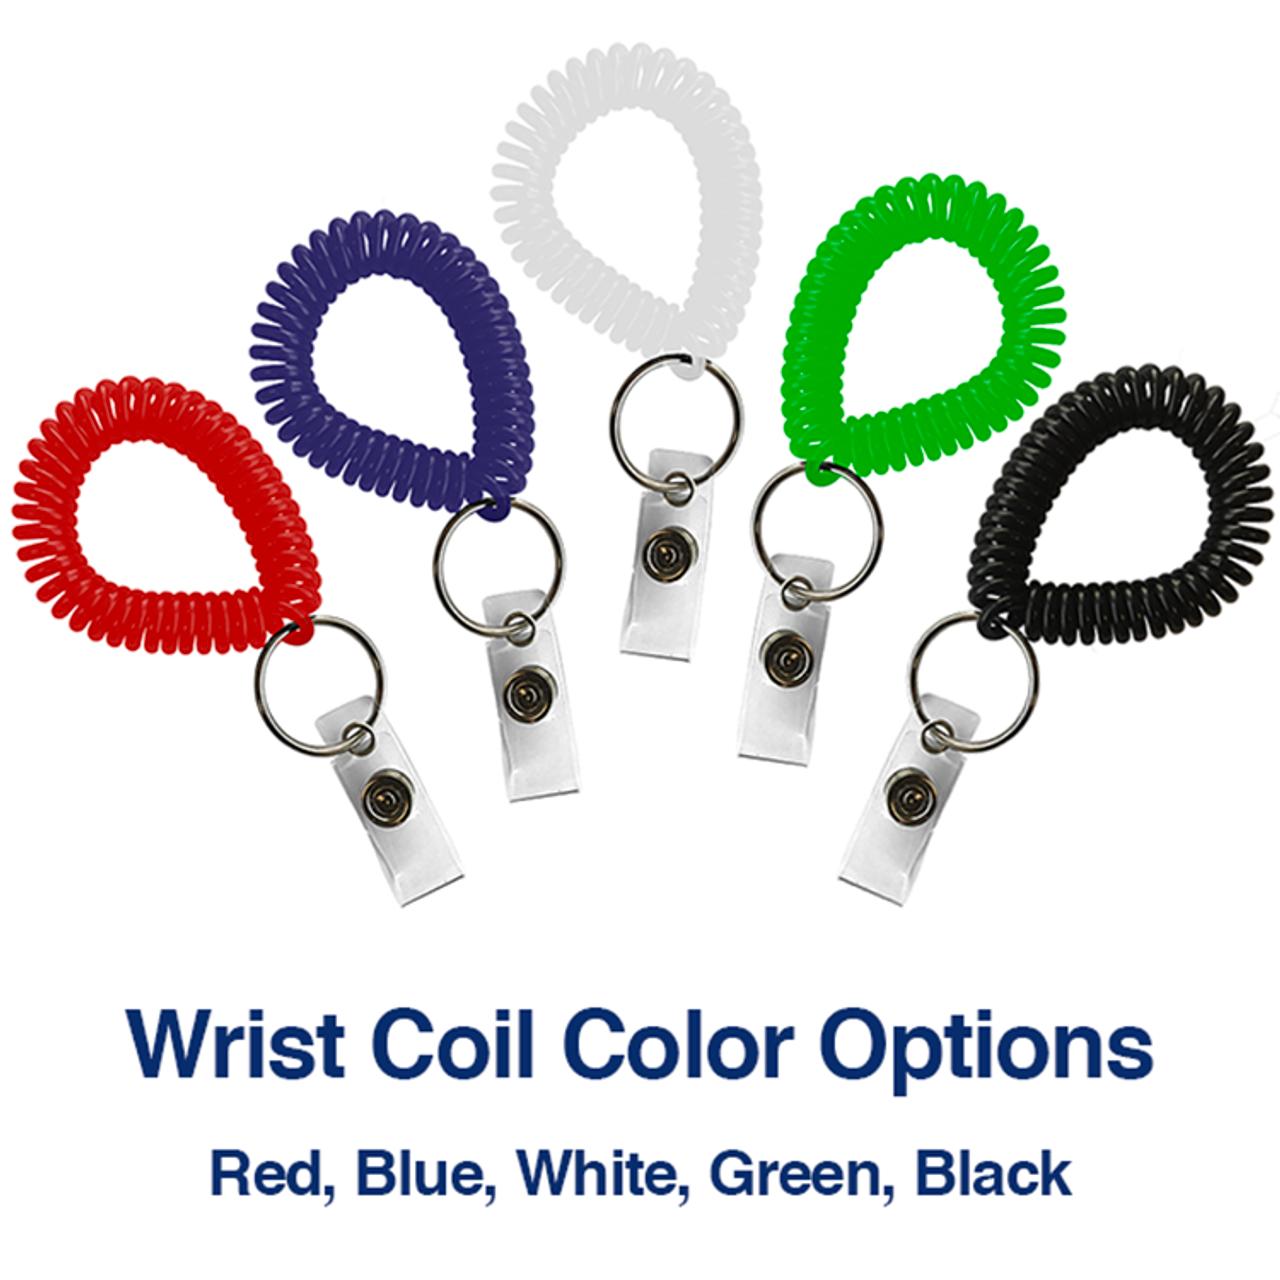 Wrist Coil Color Options